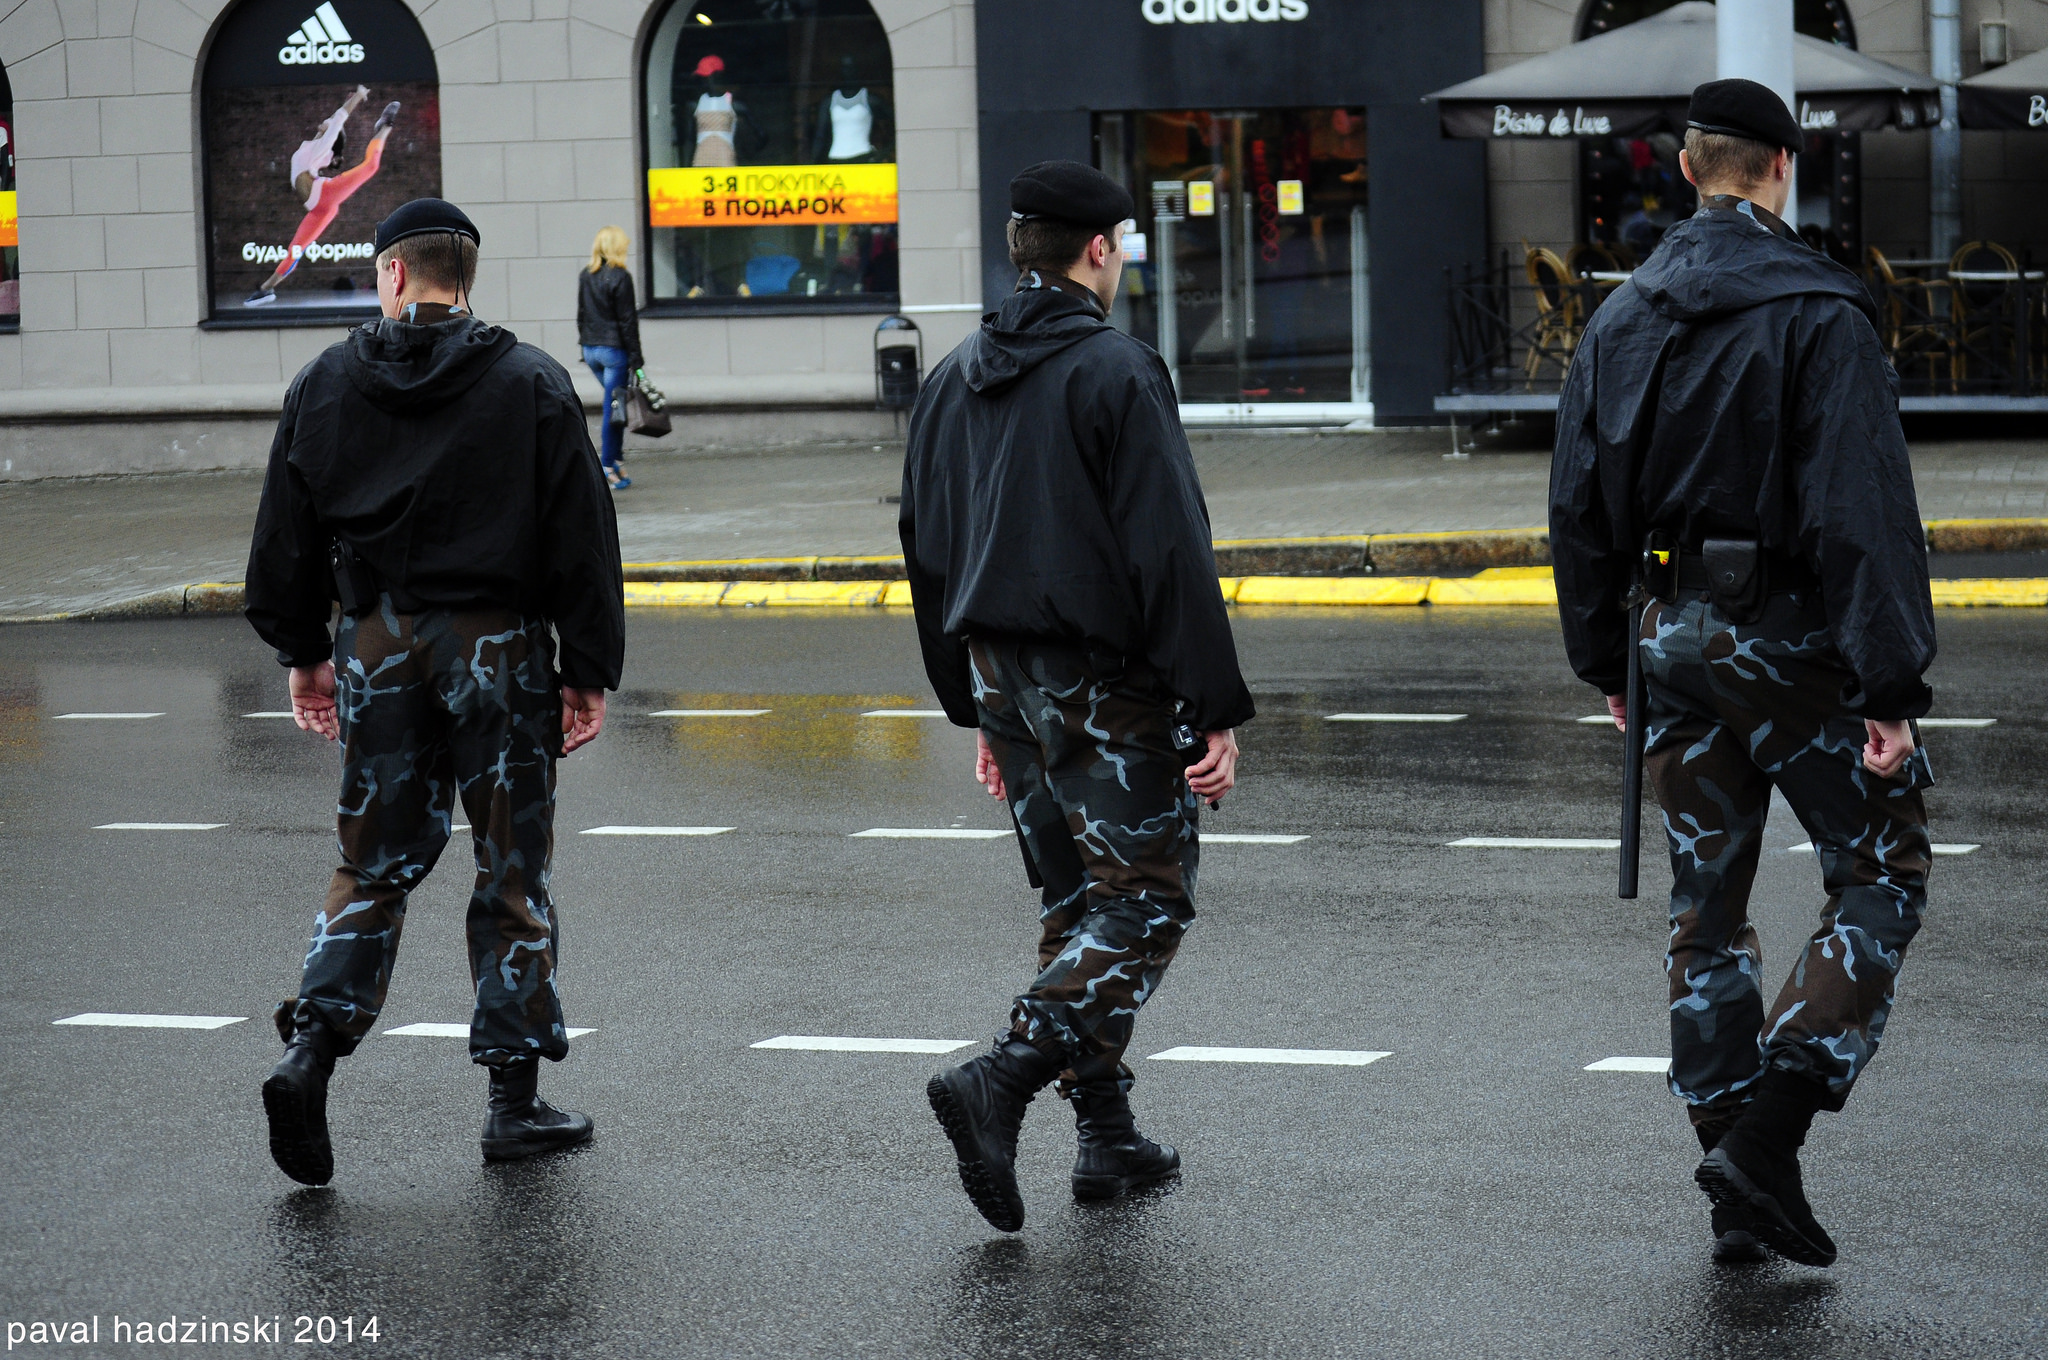 belarus-crackdown-elections